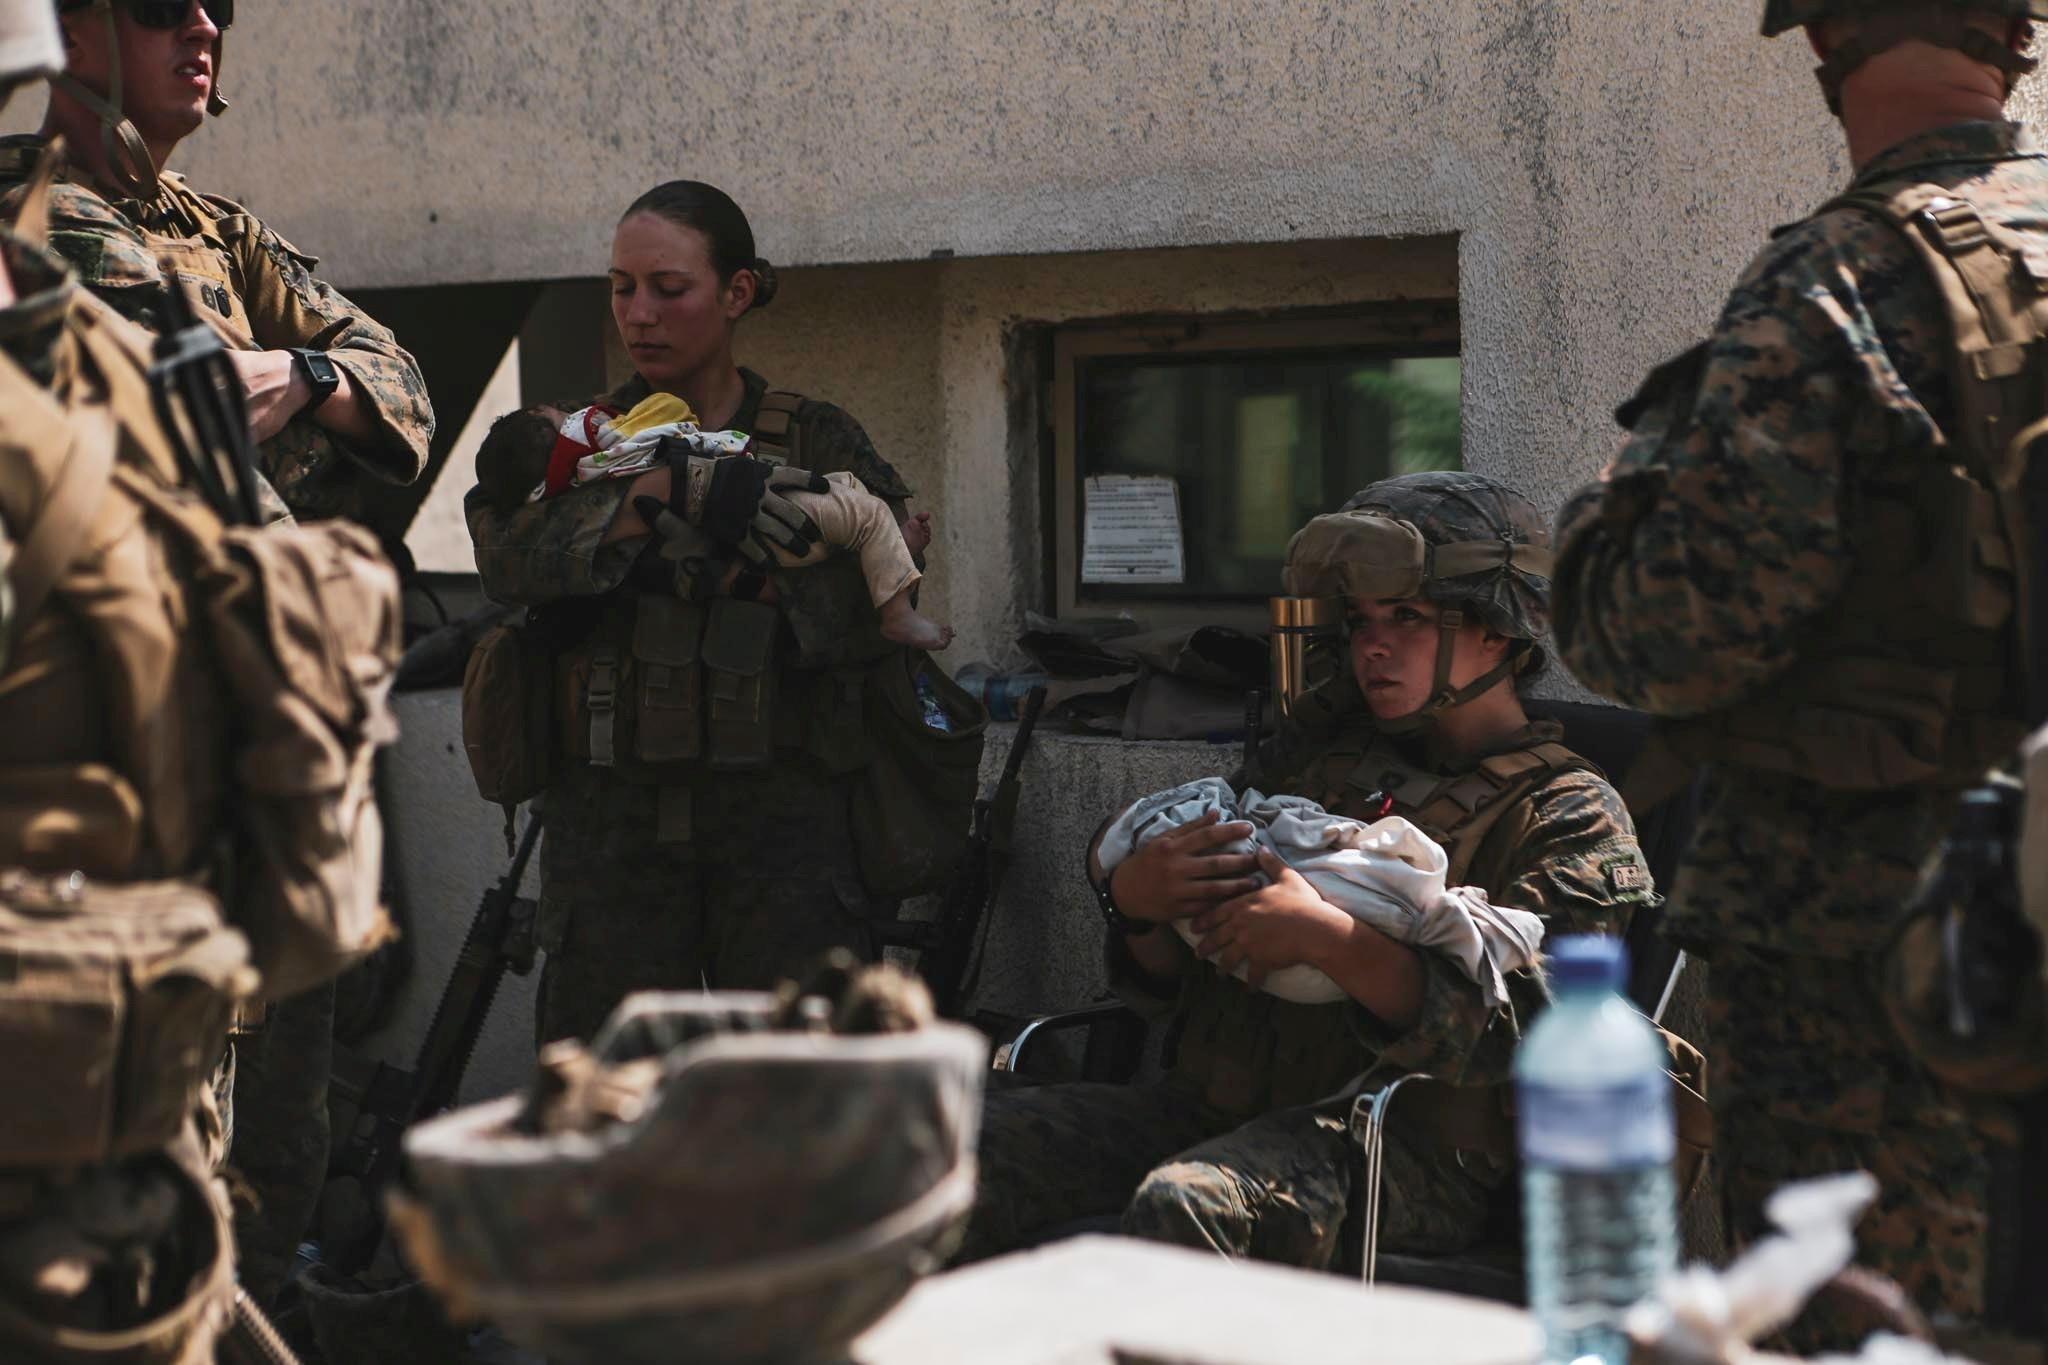 Nicole Gee sostiene a un bebé en sus brazos durante la evacuación en Kabul.